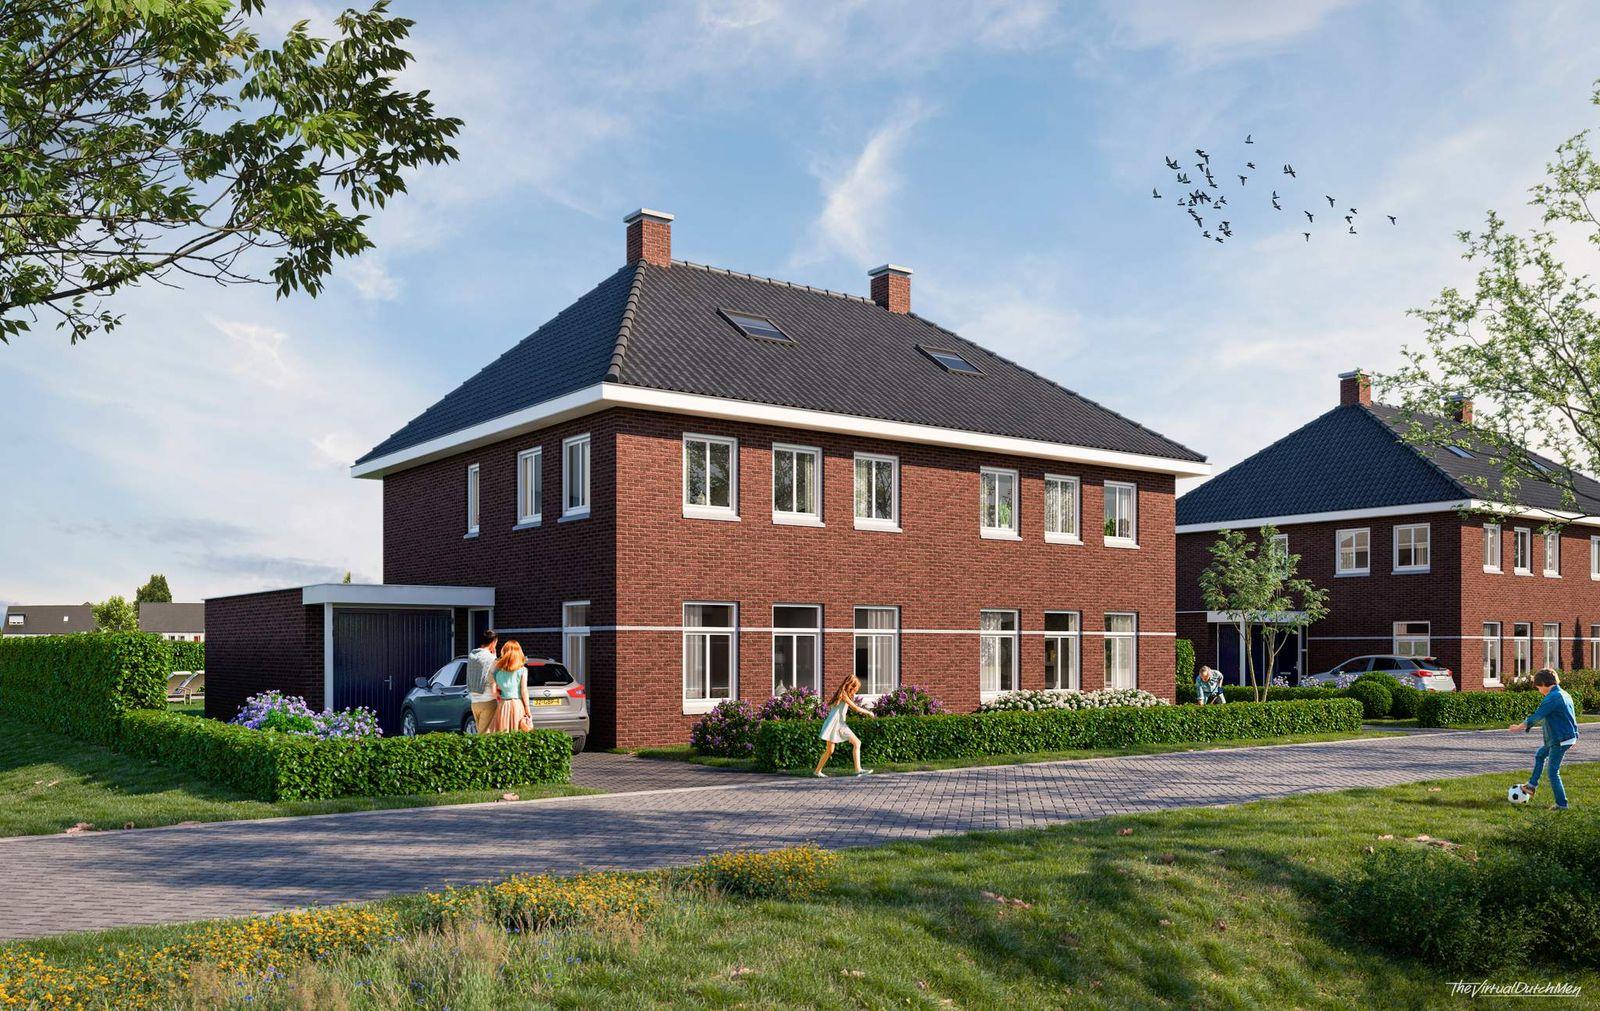 Snikke bouwnummer 7 0-ong, Nieuw-amsterdam